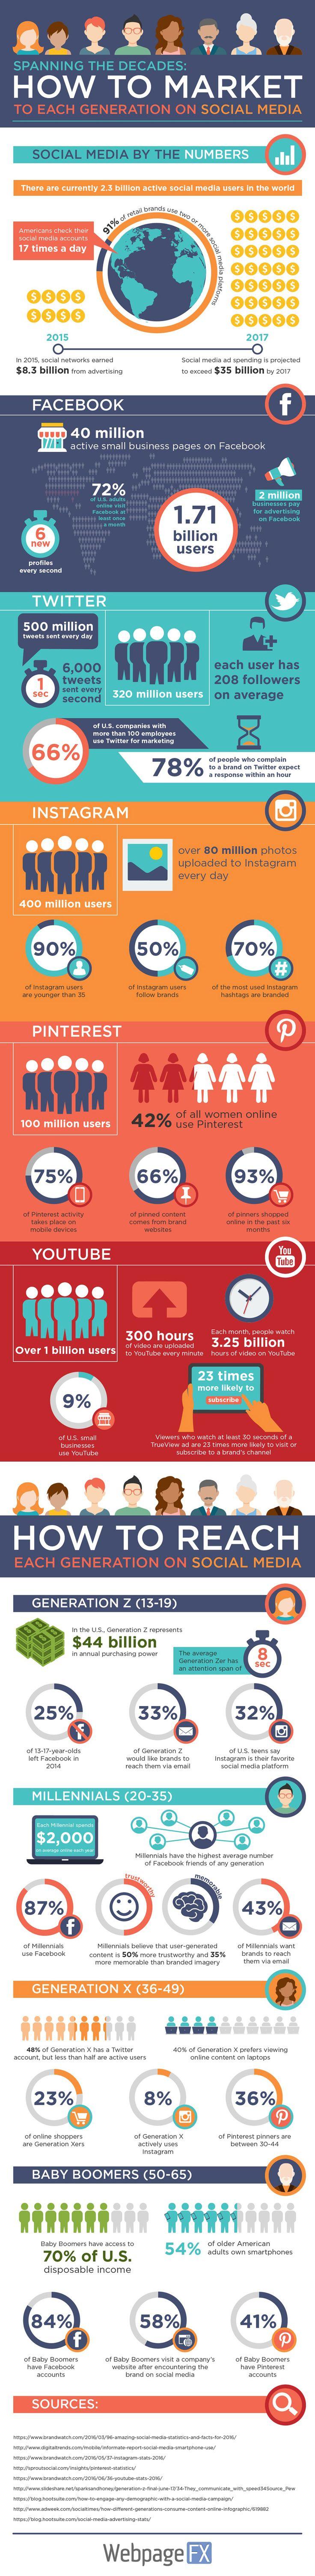 infographie récapitulatif de la présence des génération sur les réseaux sociaux